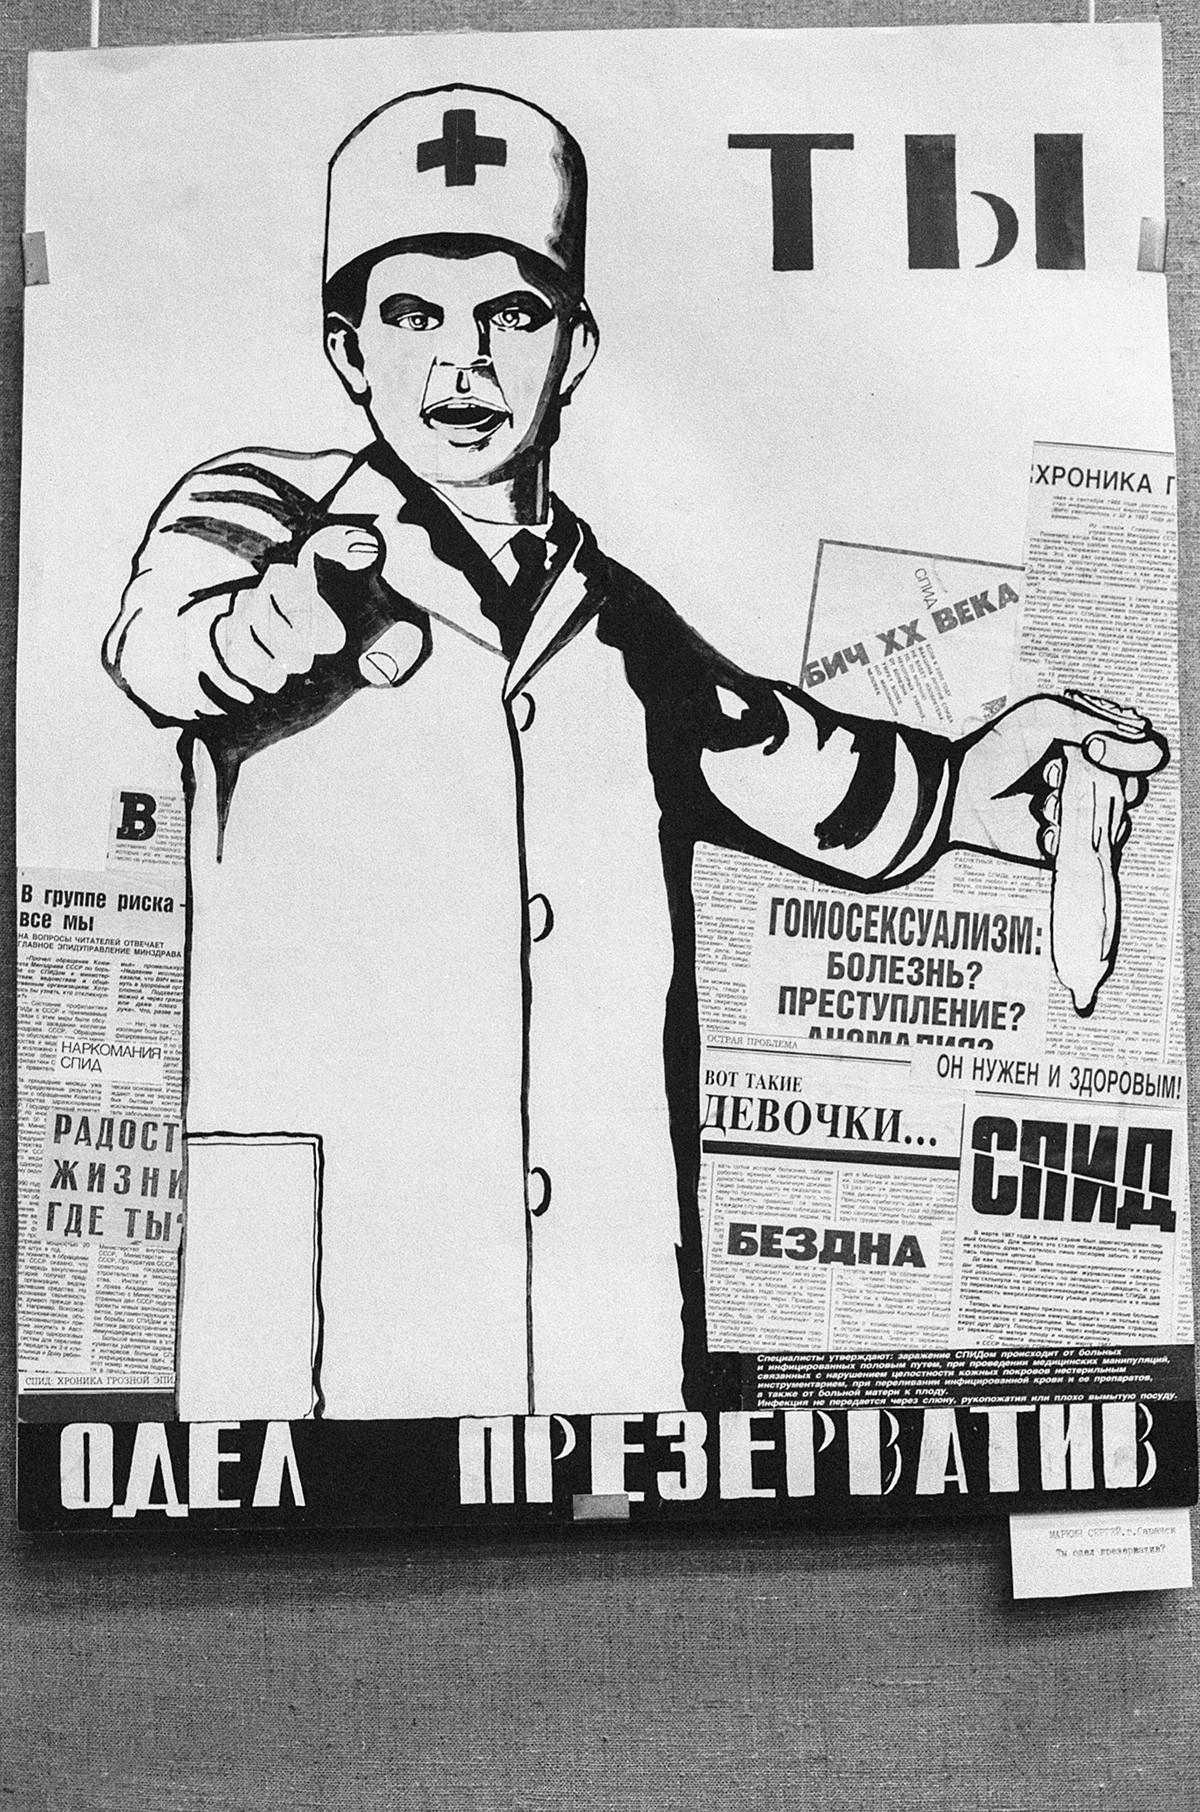 SSSR, Moskva. 2. veljače 1991. Plakat umjetnika S. Markina na izložbi plakata.